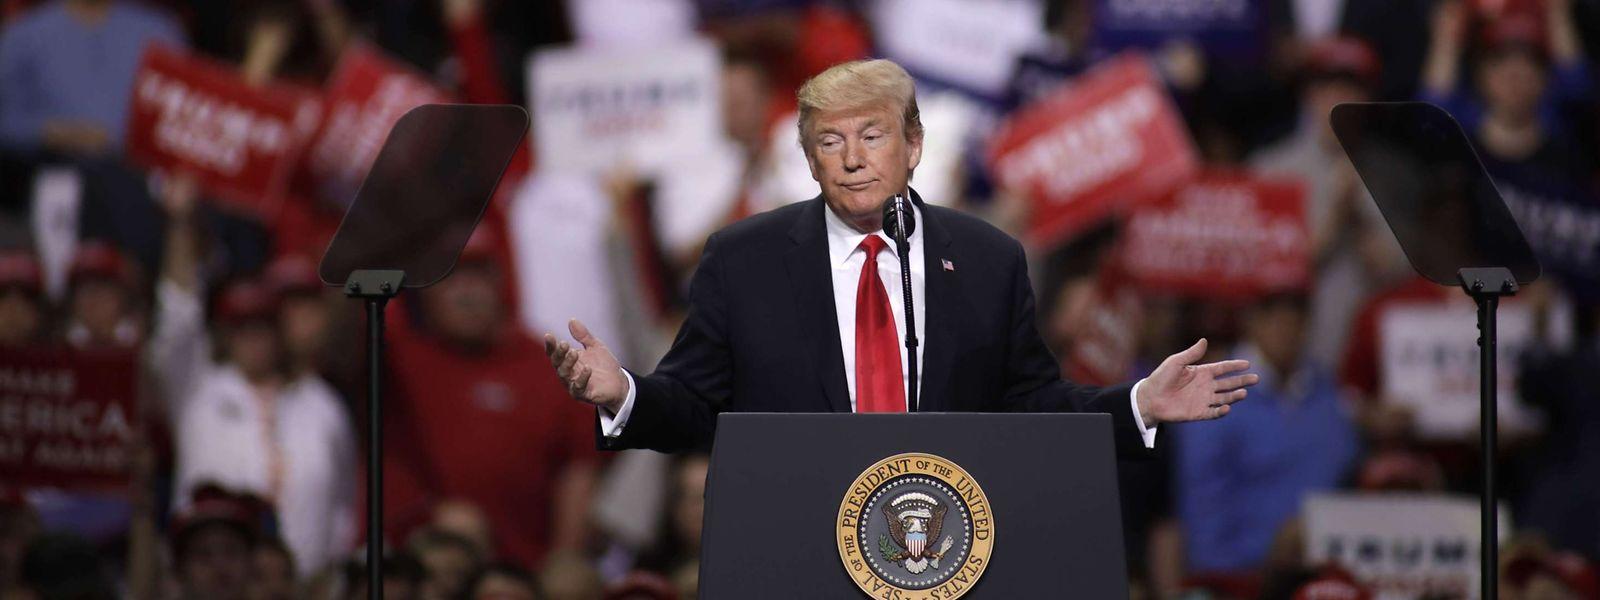 26 falsche oder irreführende Behauptungen kamen in den vergangenen sieben Monaten aus dem Mund des Präsidenten - pro Tag, wohlgemerkt.